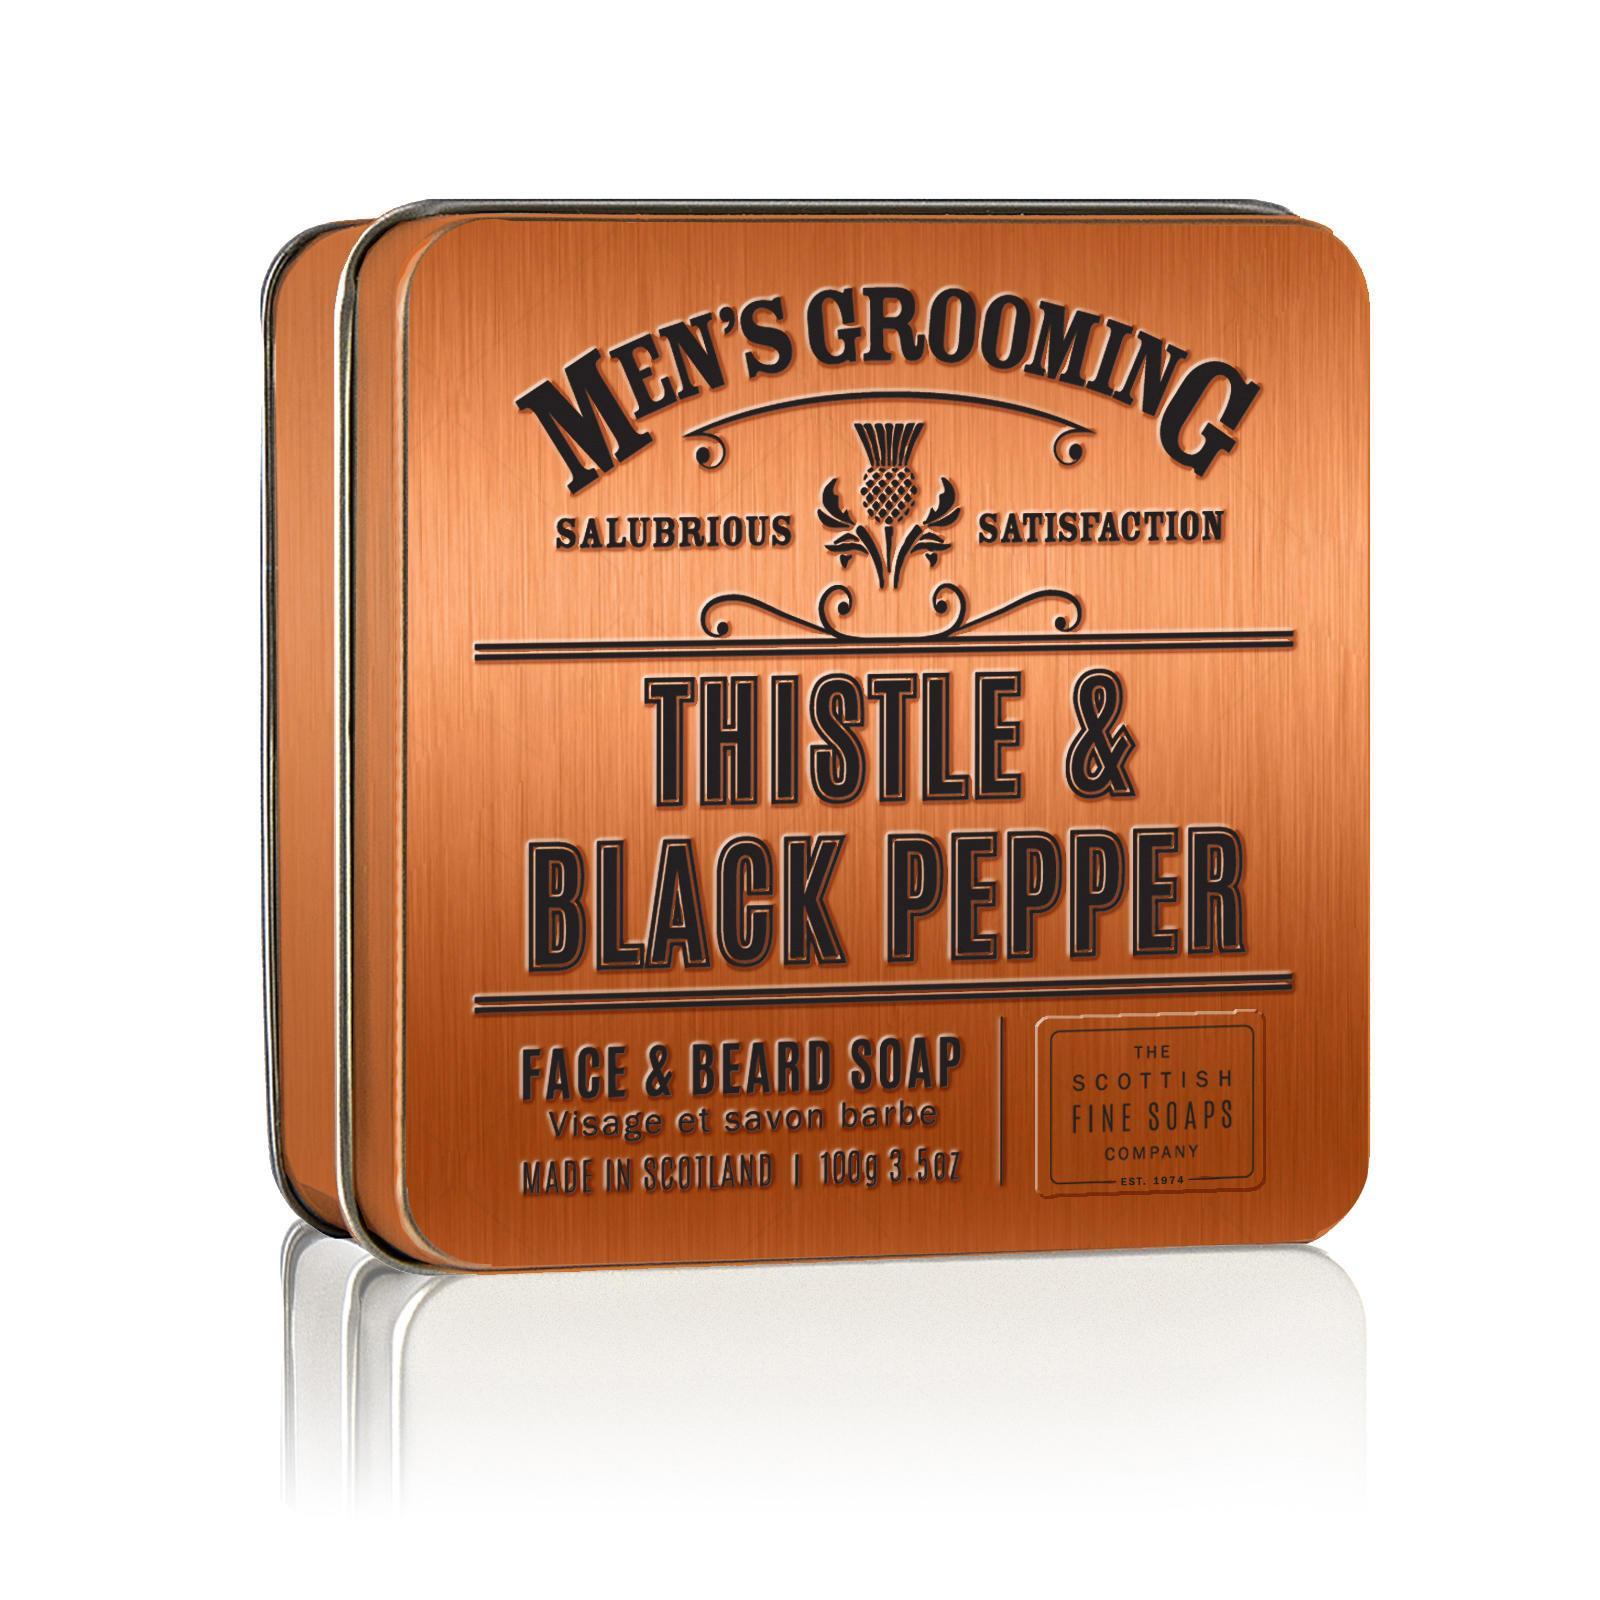 SCOTTISH FINE SOAPS Mýdlo v plechové krabičce Thistle & Black pepper, oranžová barva, kov